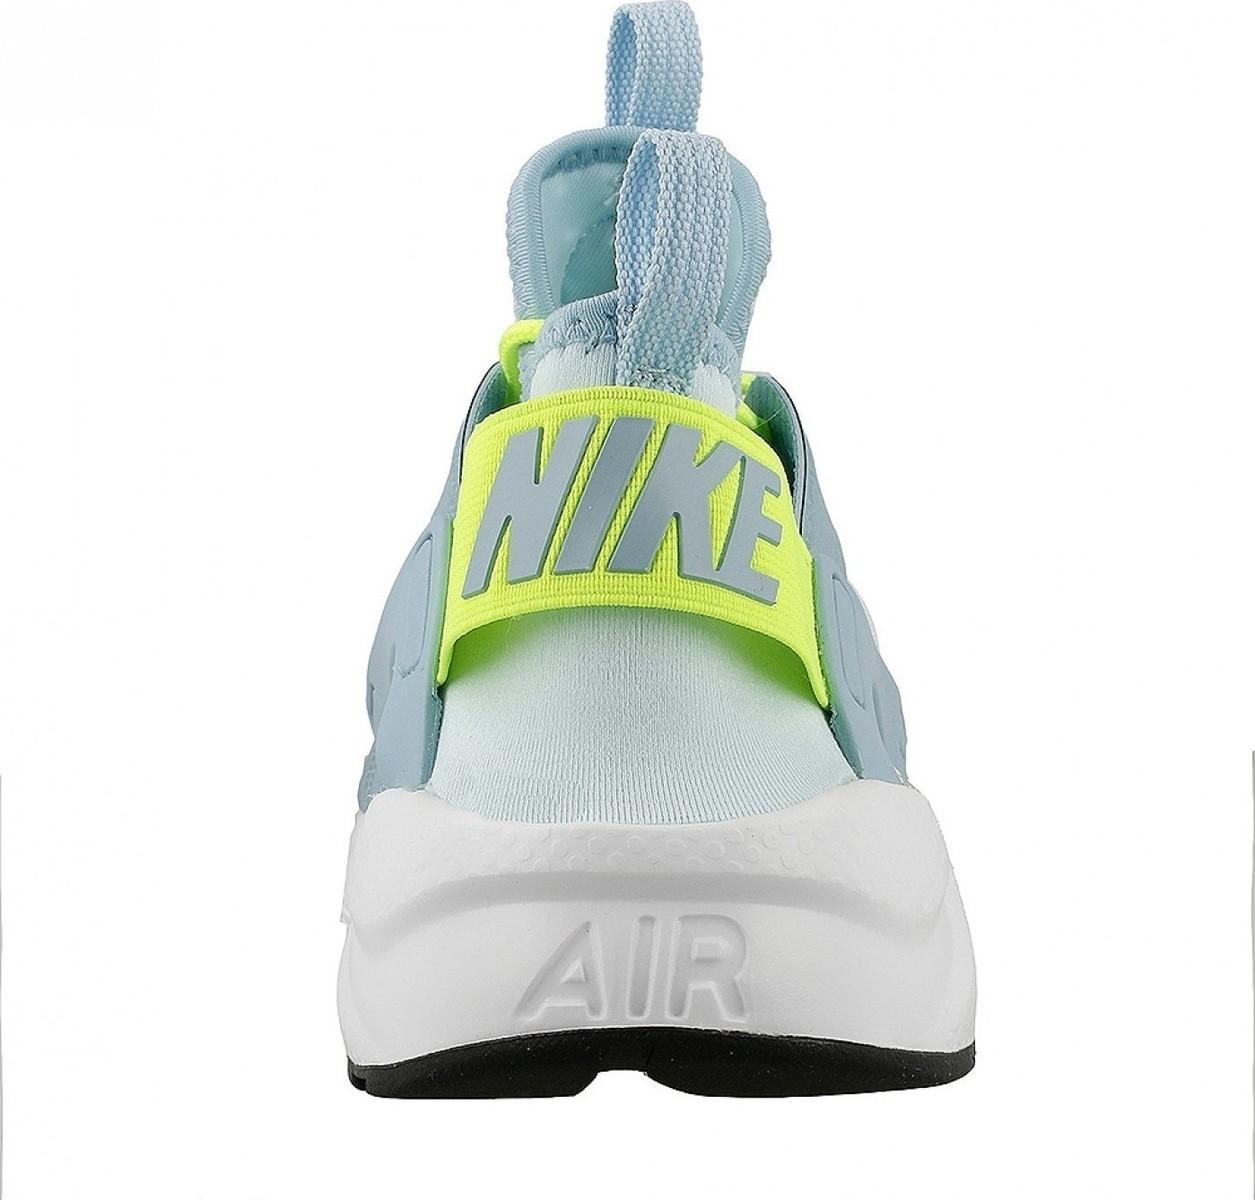 the latest 6a323 2059a ... Nike Air Huarache Run Ultra GS 847568-402